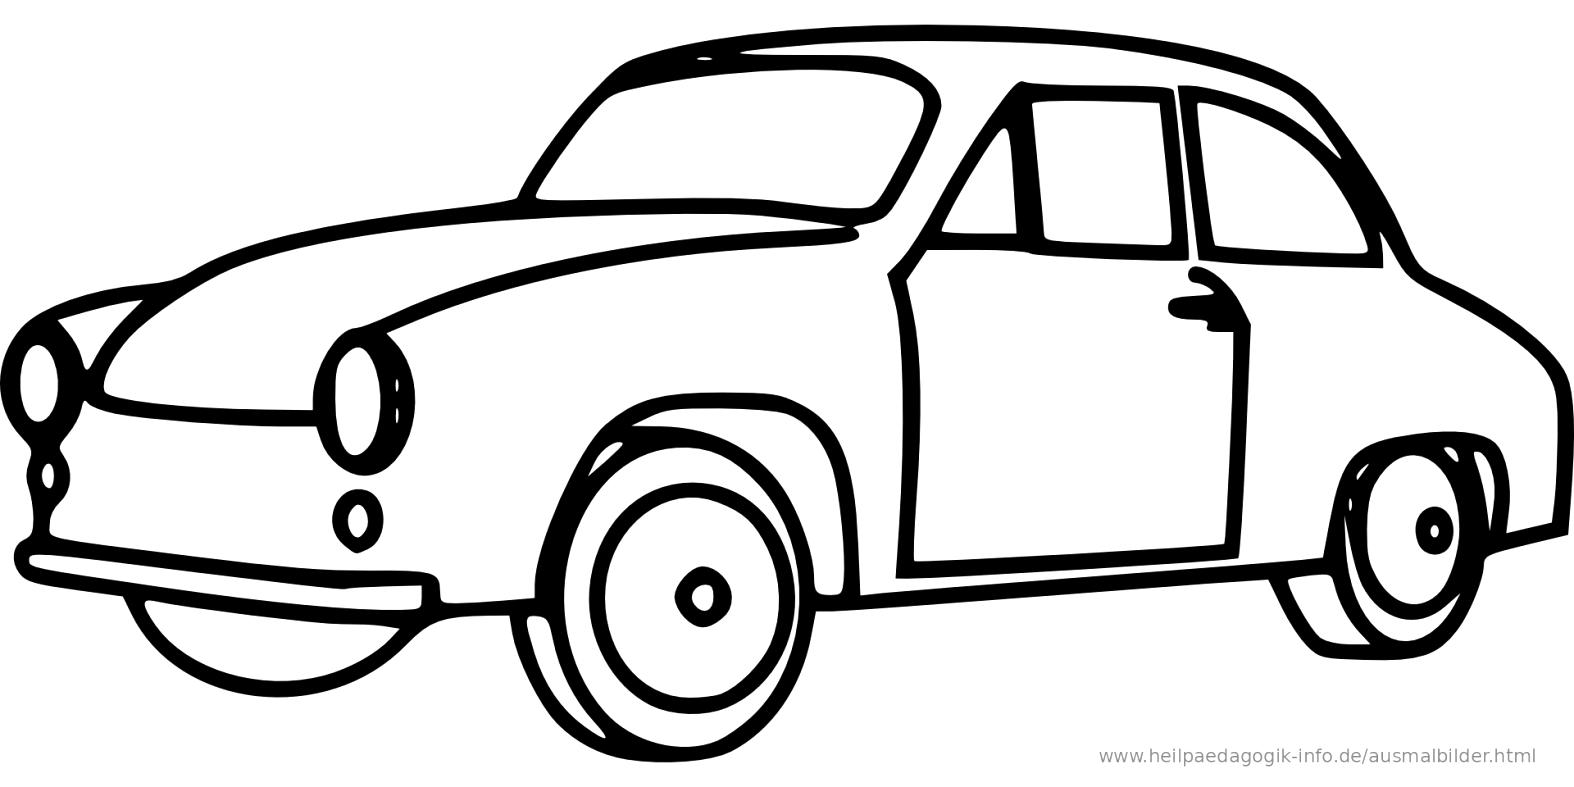 Kreative Ausmalbilder Autos Fur Baut Konzentration Und Konzentration Auf In 2021 Malvorlage Auto Kinder Autos Auto Zum Ausmalen